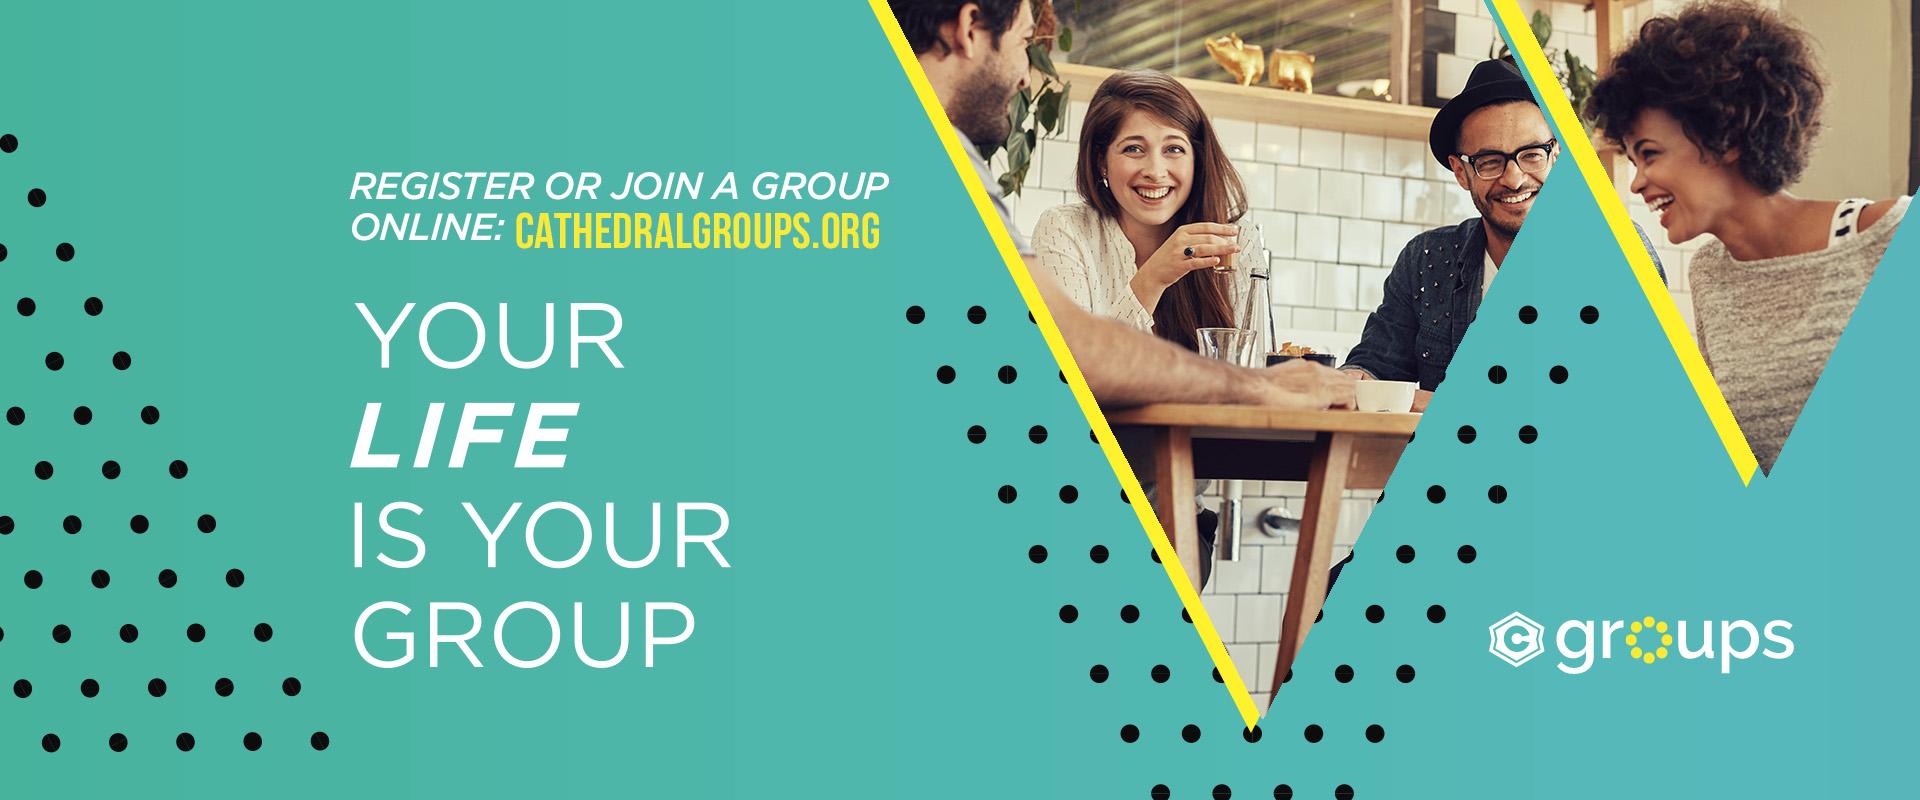 2017 Fall Small Groups Slide - Register/Join